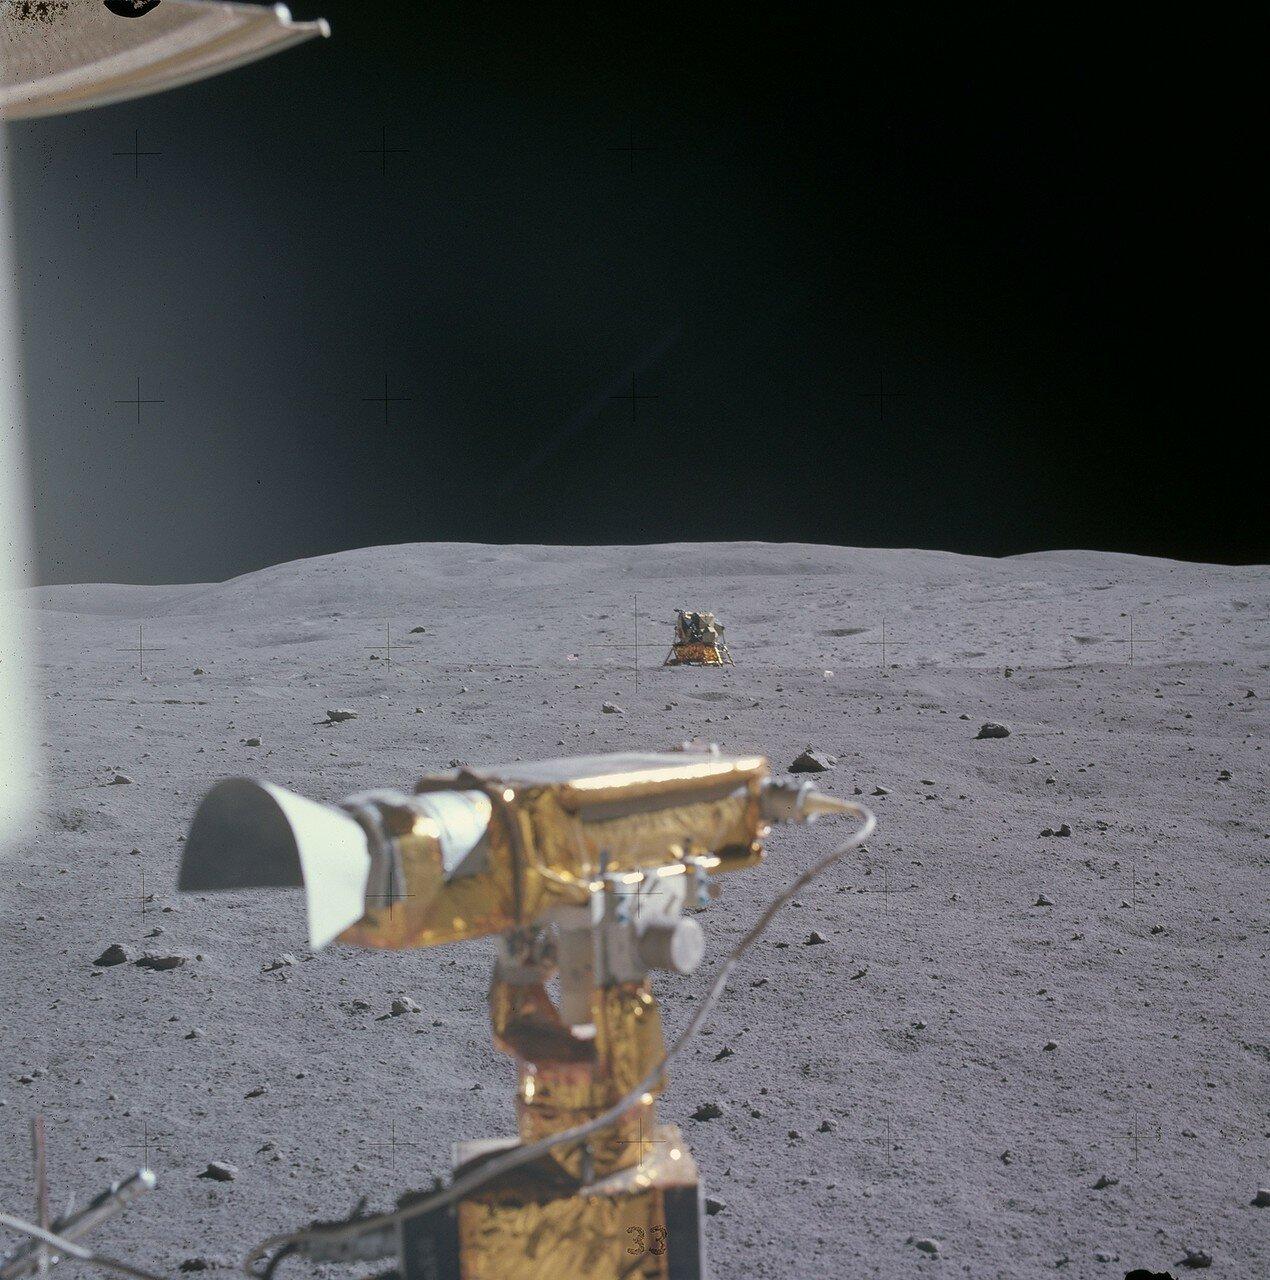 За время второй поездки астронавты проехали в общей сложности 11,3 км. Последнюю геологическую остановку во второй поездке (англ. Station 10) намечалось сделать почти у лунного модуля. На снимке: «Орион», снятый Дьюком в конце второй поездки. Вид с юга на